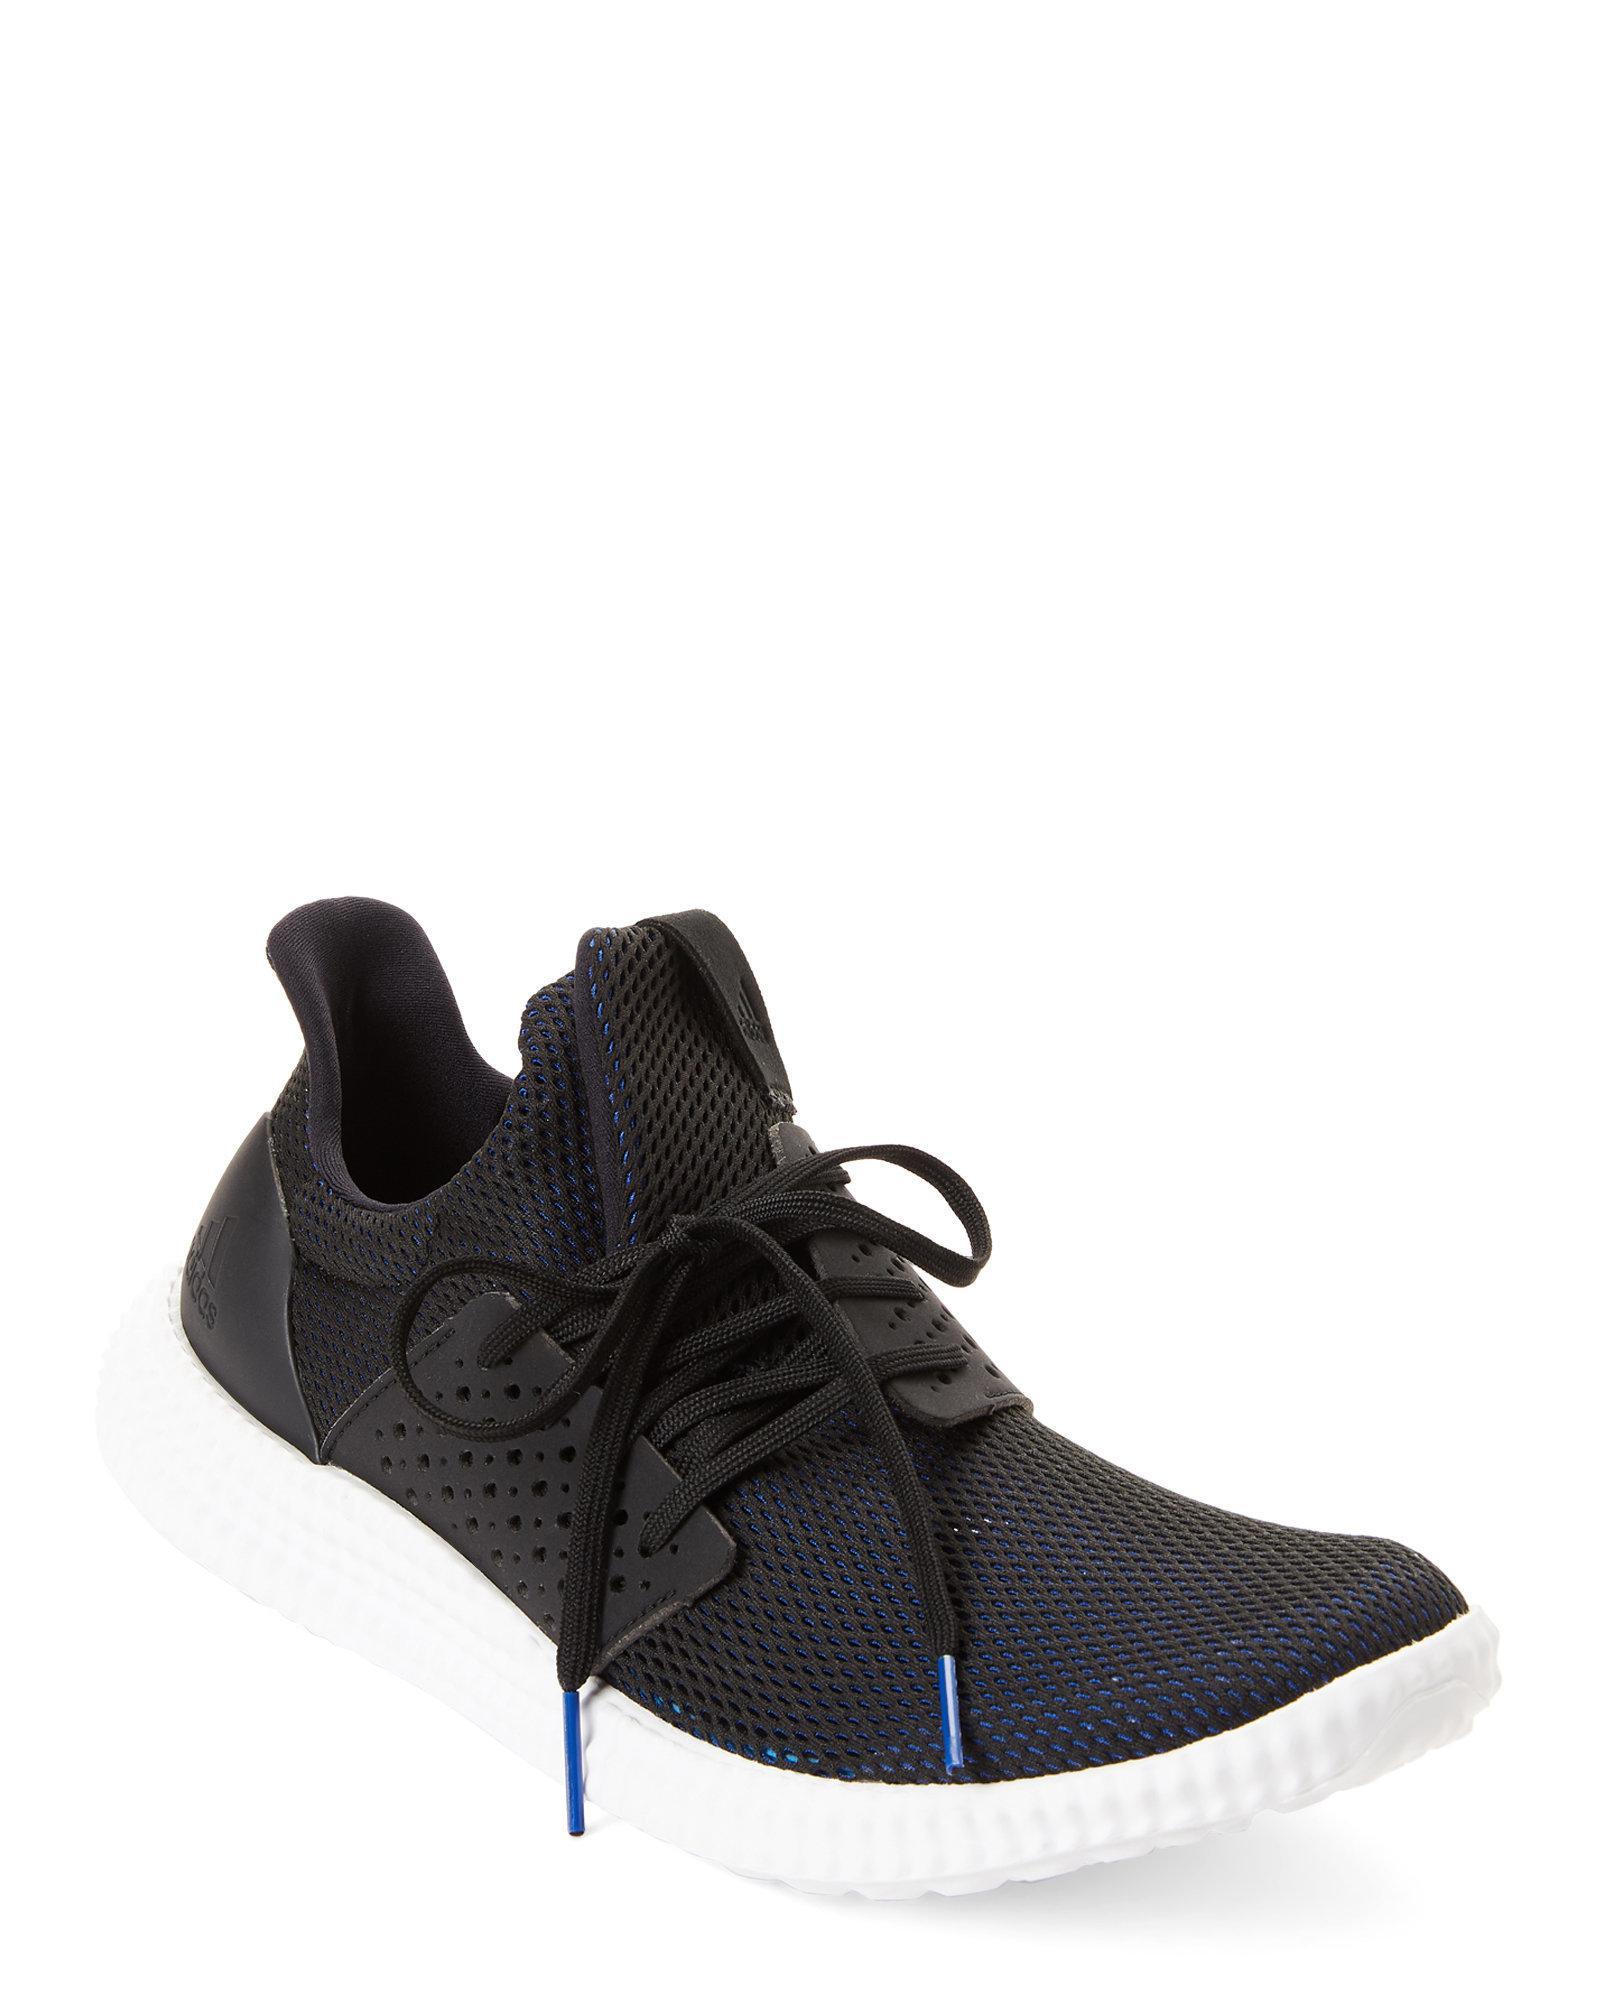 Lyst adidas nero athletics 24 / 7 formazione scarpe in nero per gli uomini.